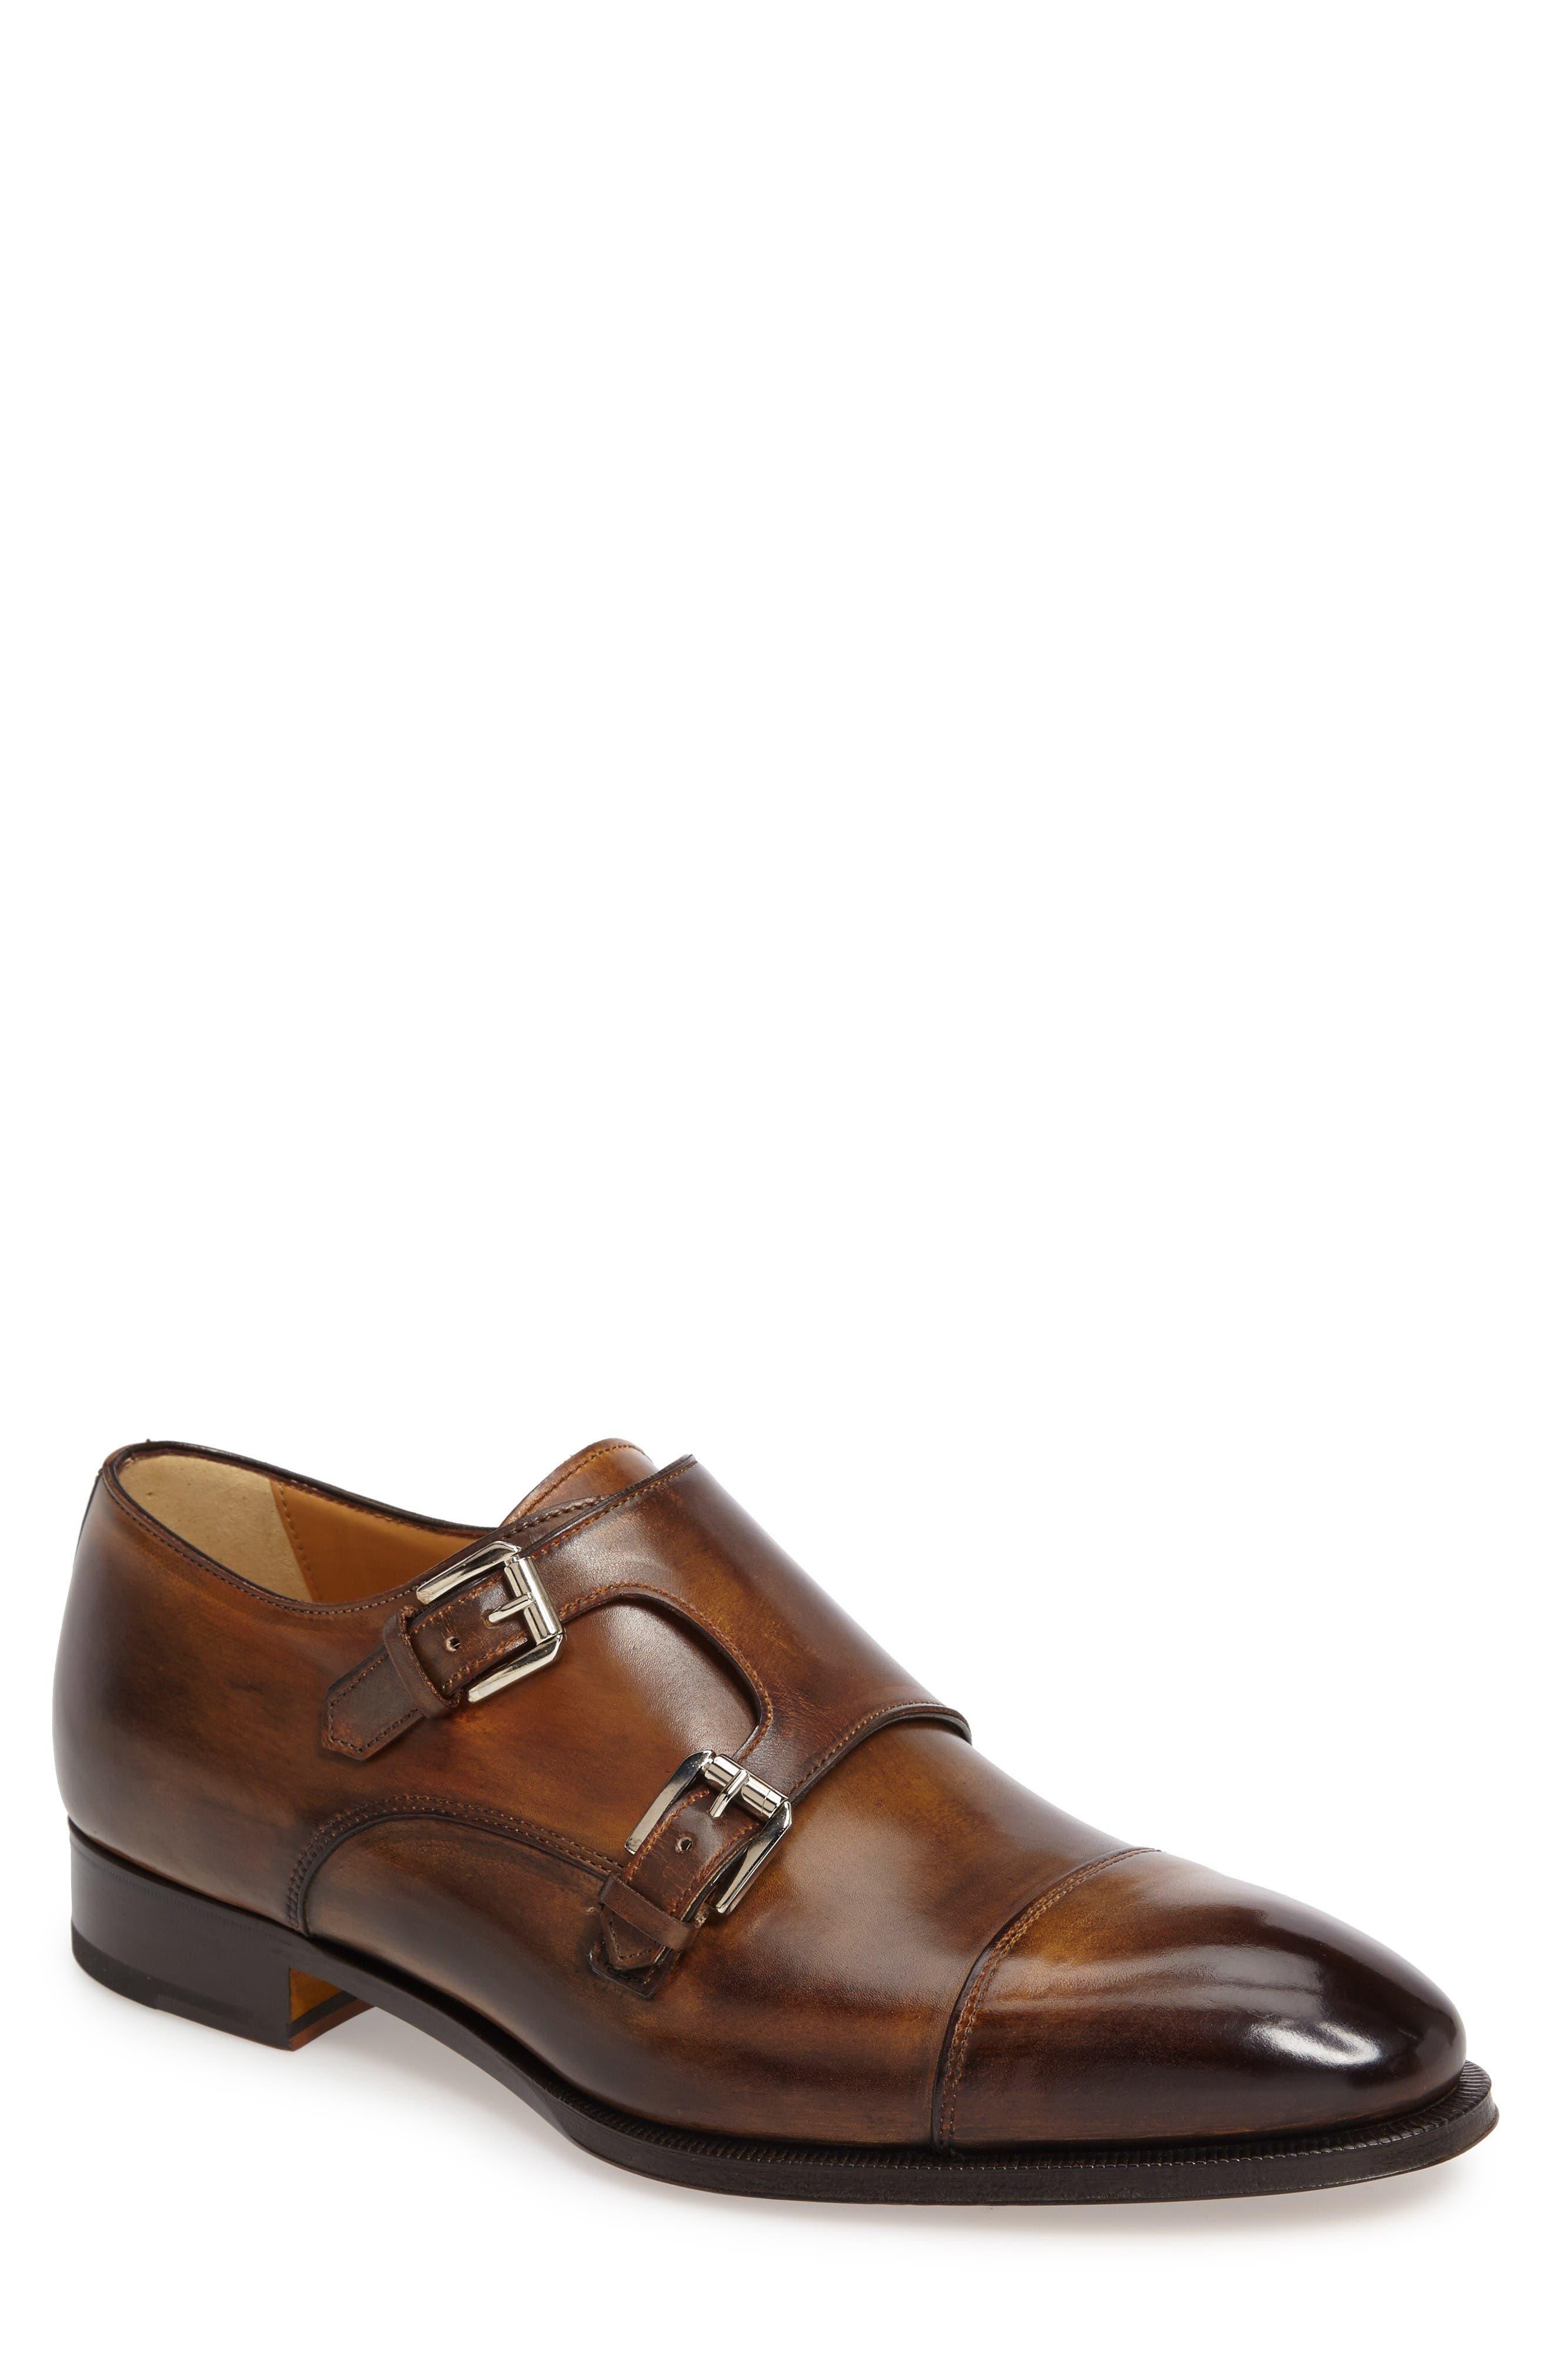 Main Image - Di Gallo Bianco Blake Double Monk Strap Shoe (Men)